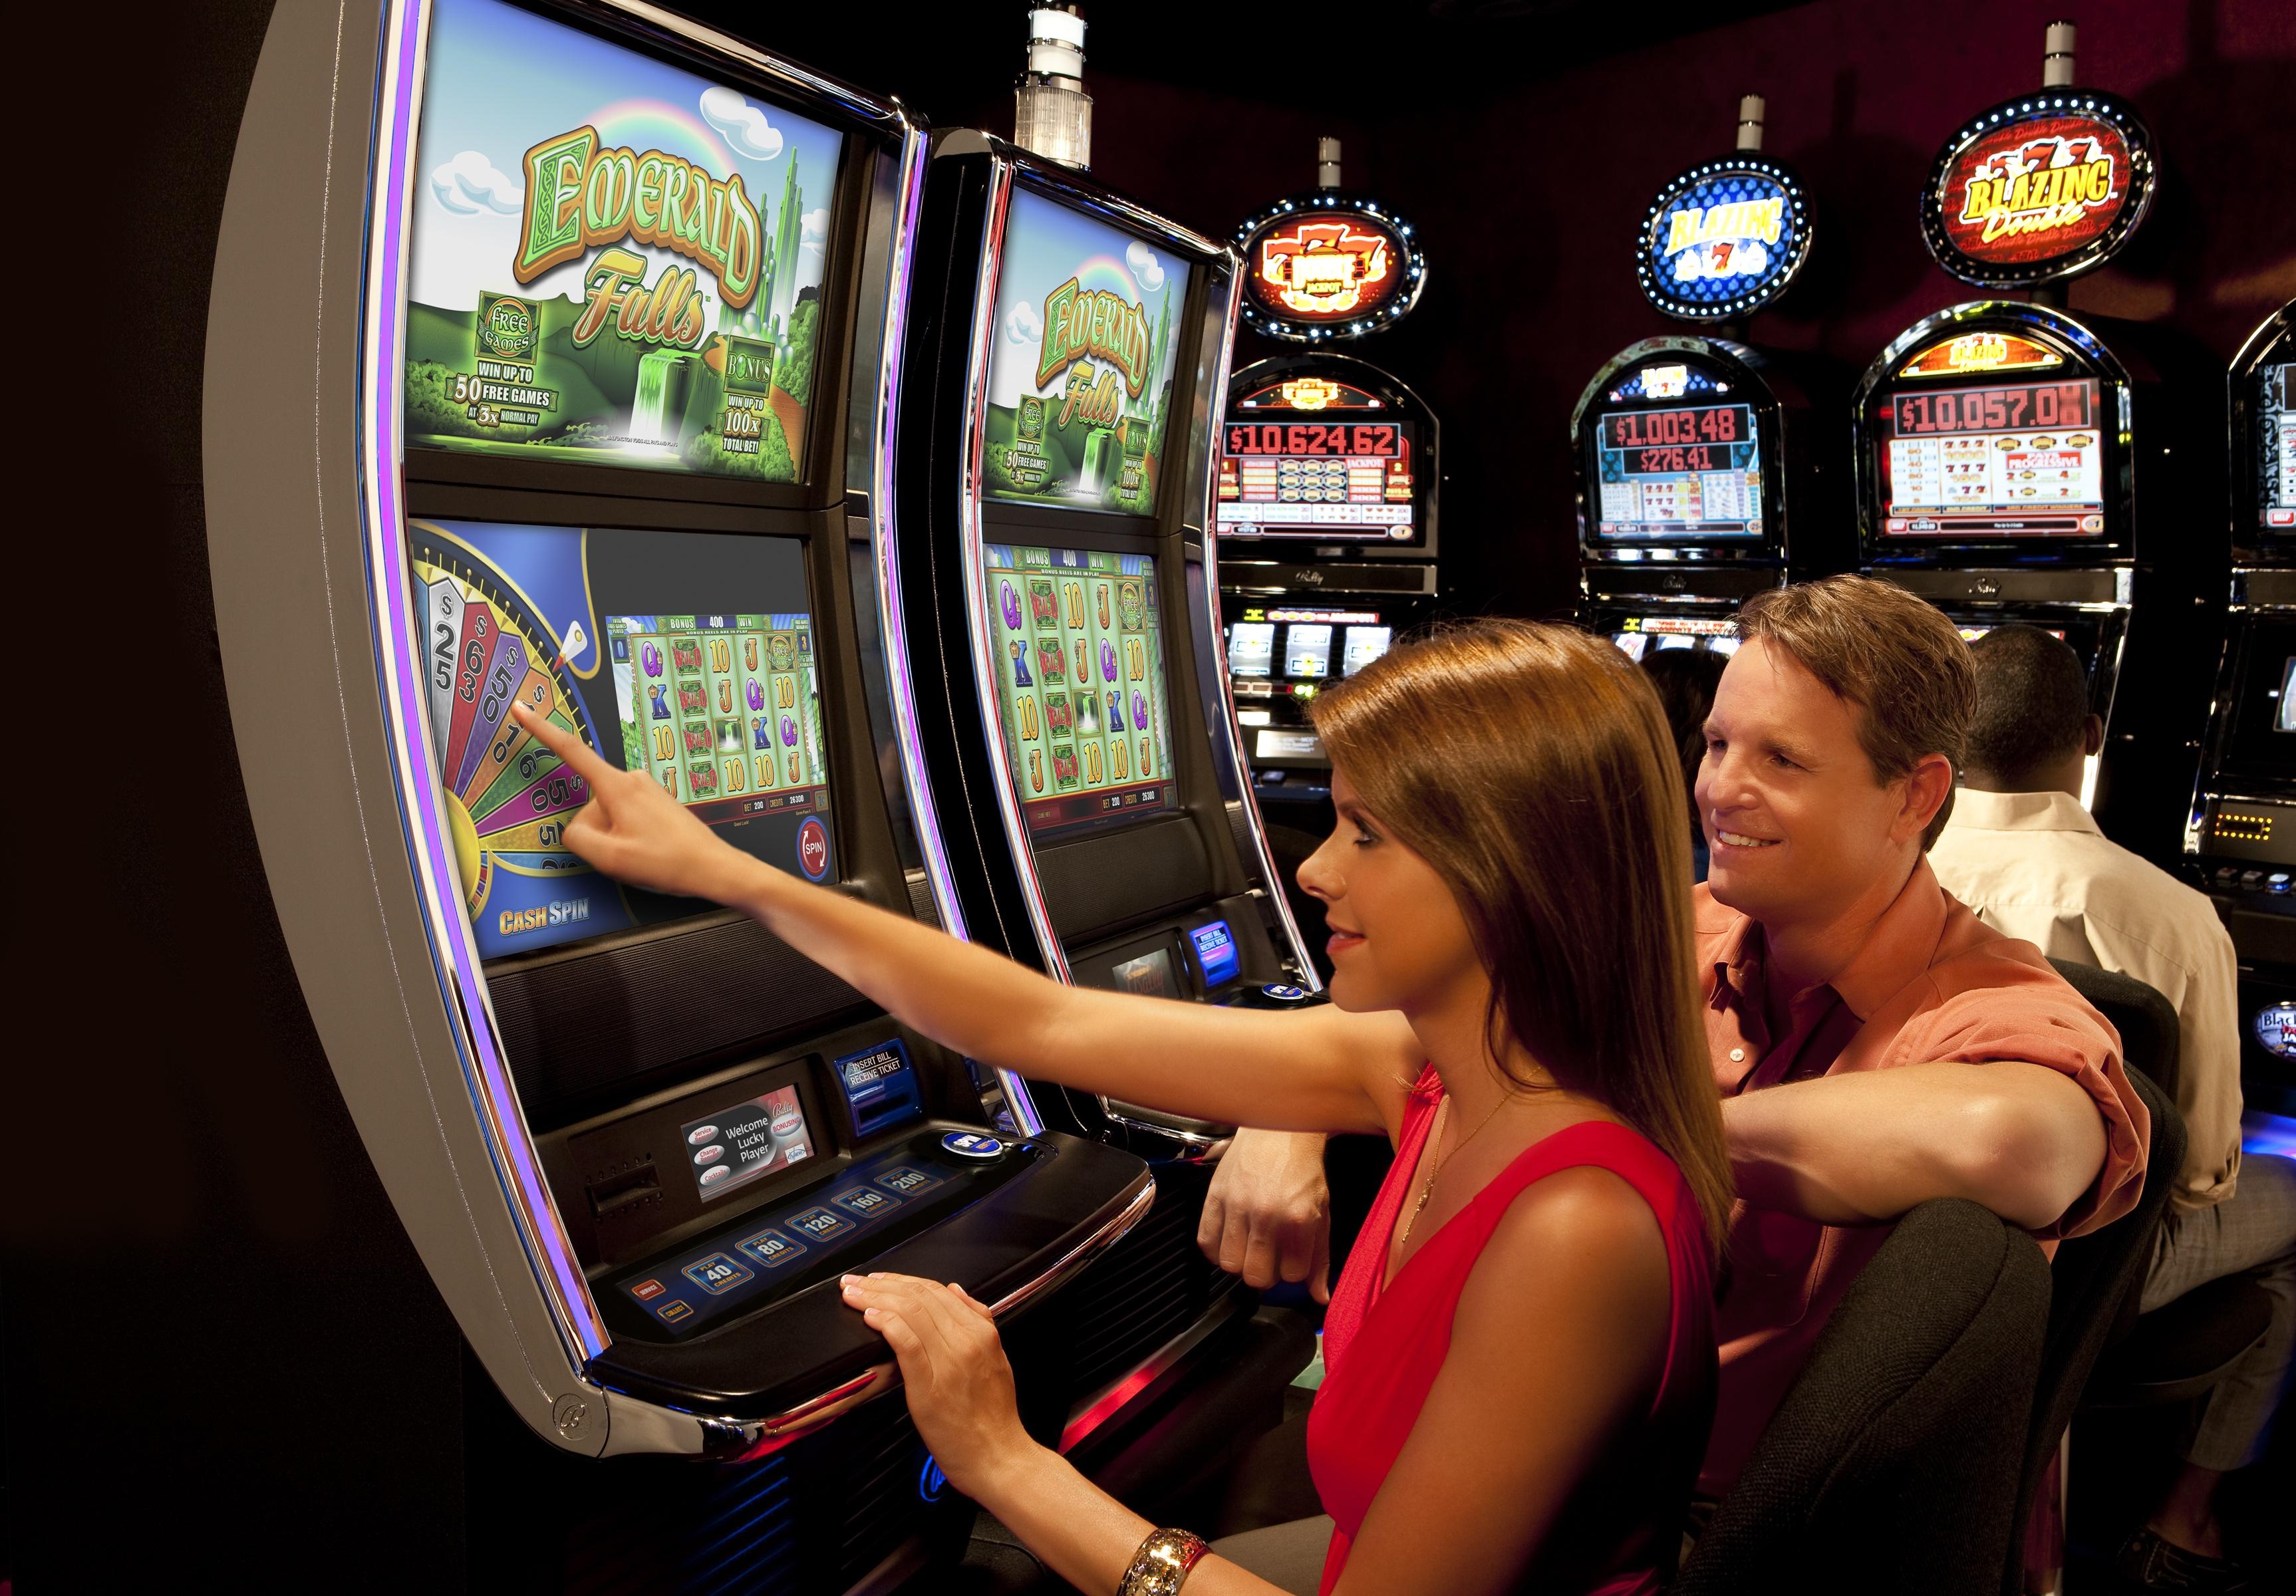 Excite casino games casino rapidshare